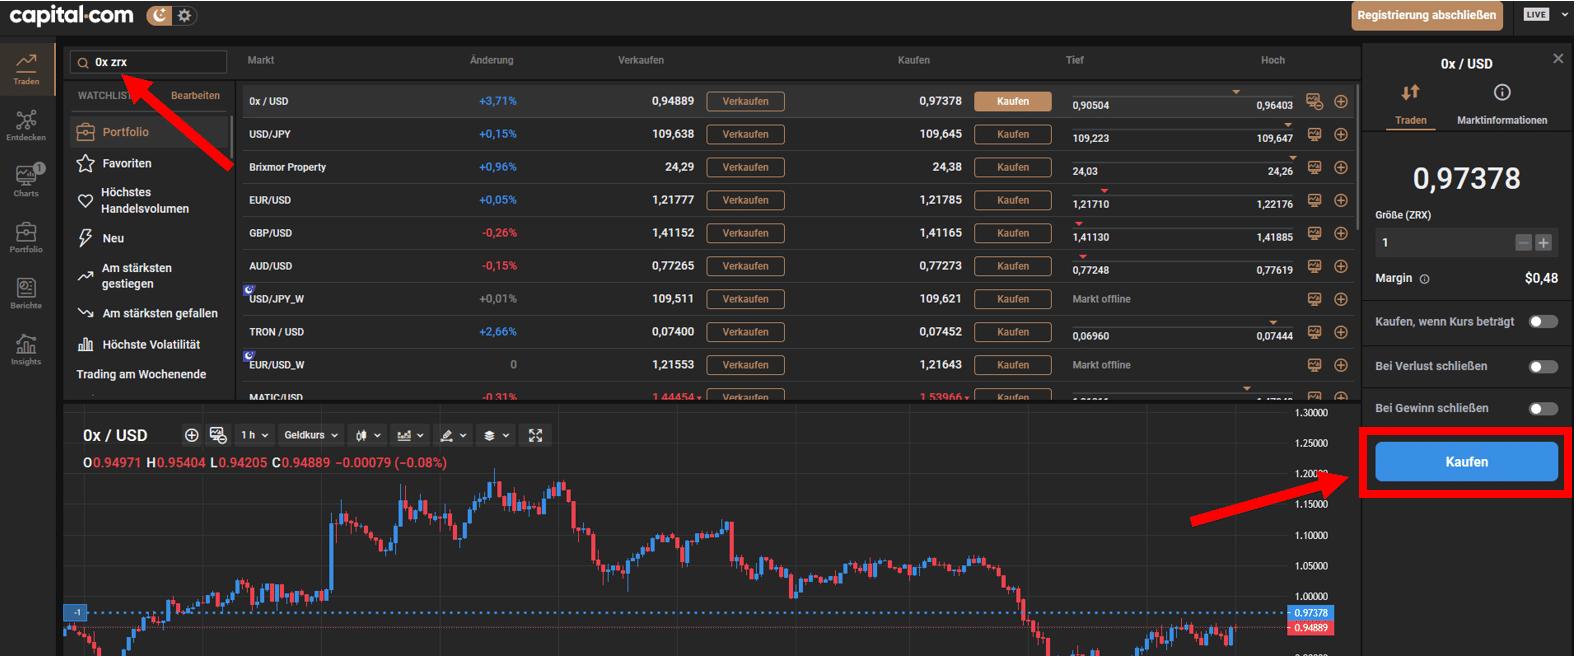 0x ZRX Kaufen Capital.com